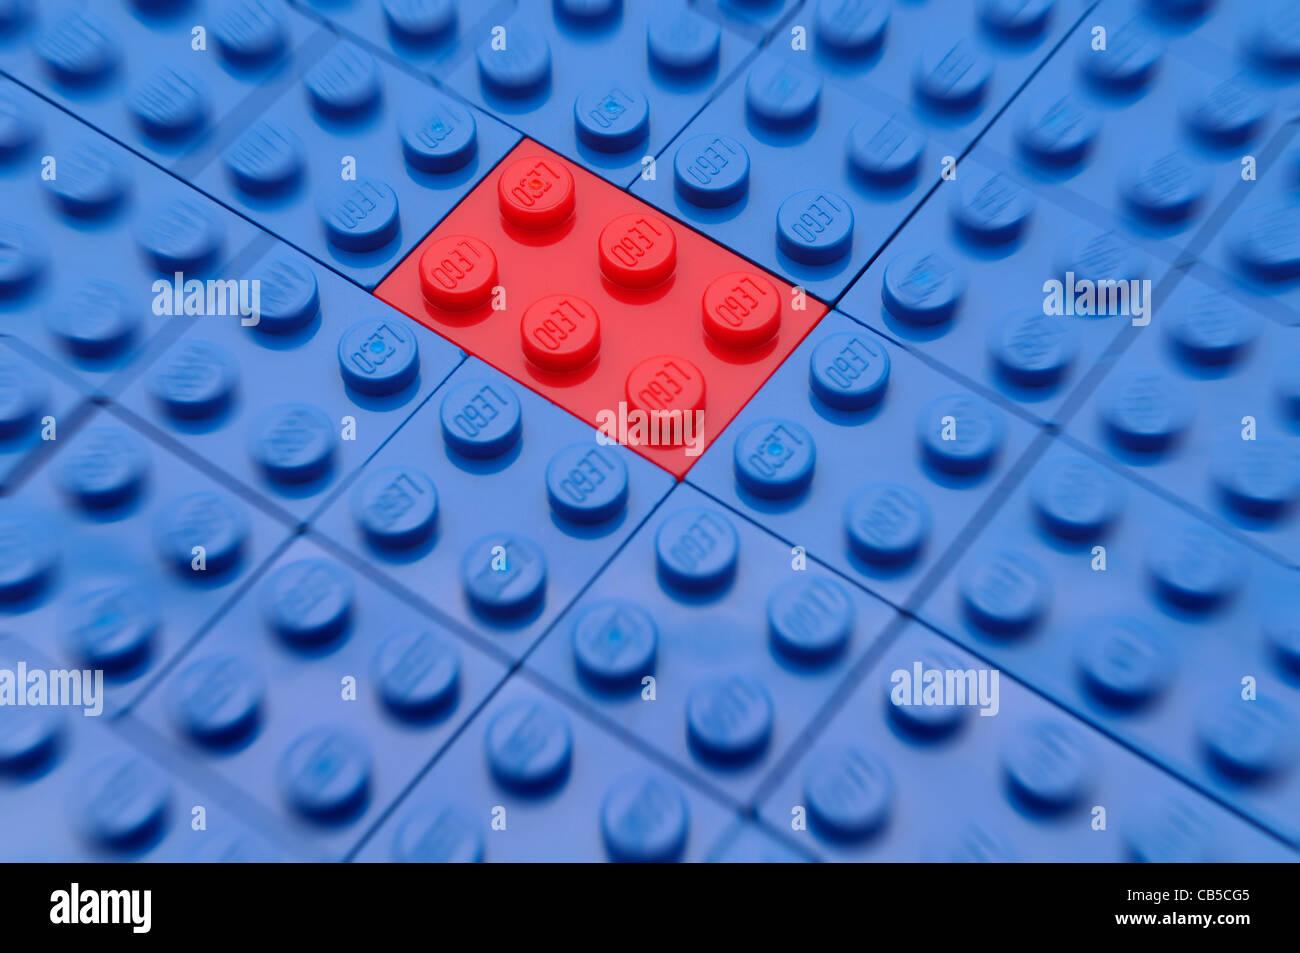 Un unico giocattolo rosso mattone di edificio spicca fra edificio blu mattoni. Immagini Stock